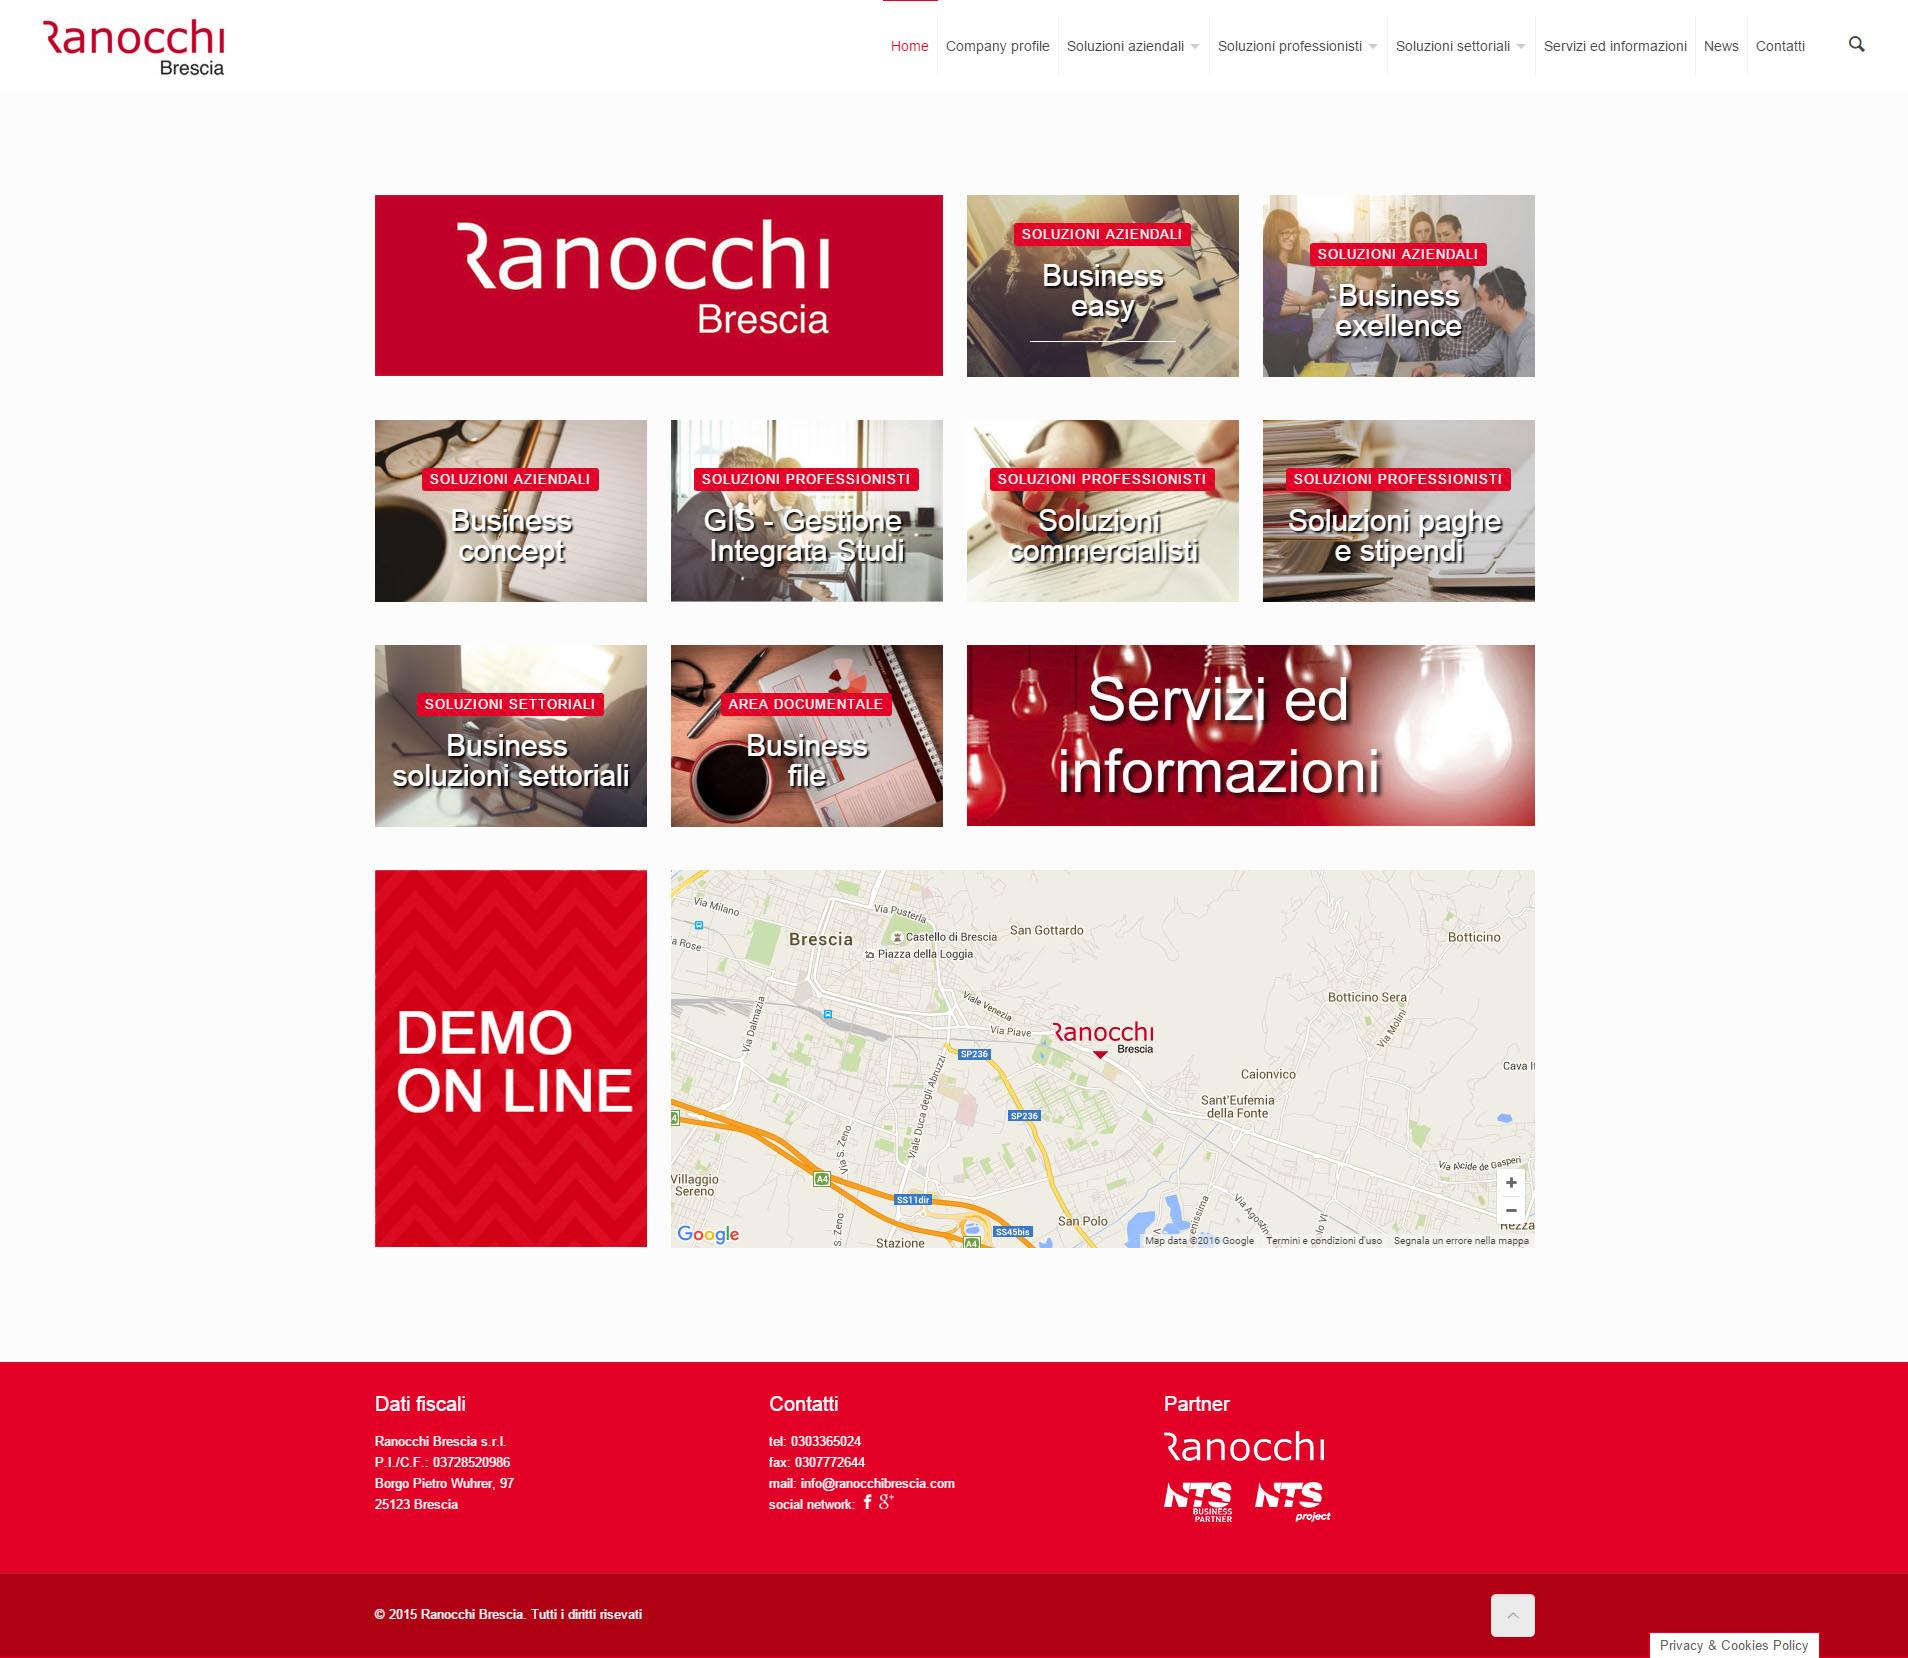 siti-internet-seo-newsletter-social-network-ranocchi-brescia-contessifostinelli-